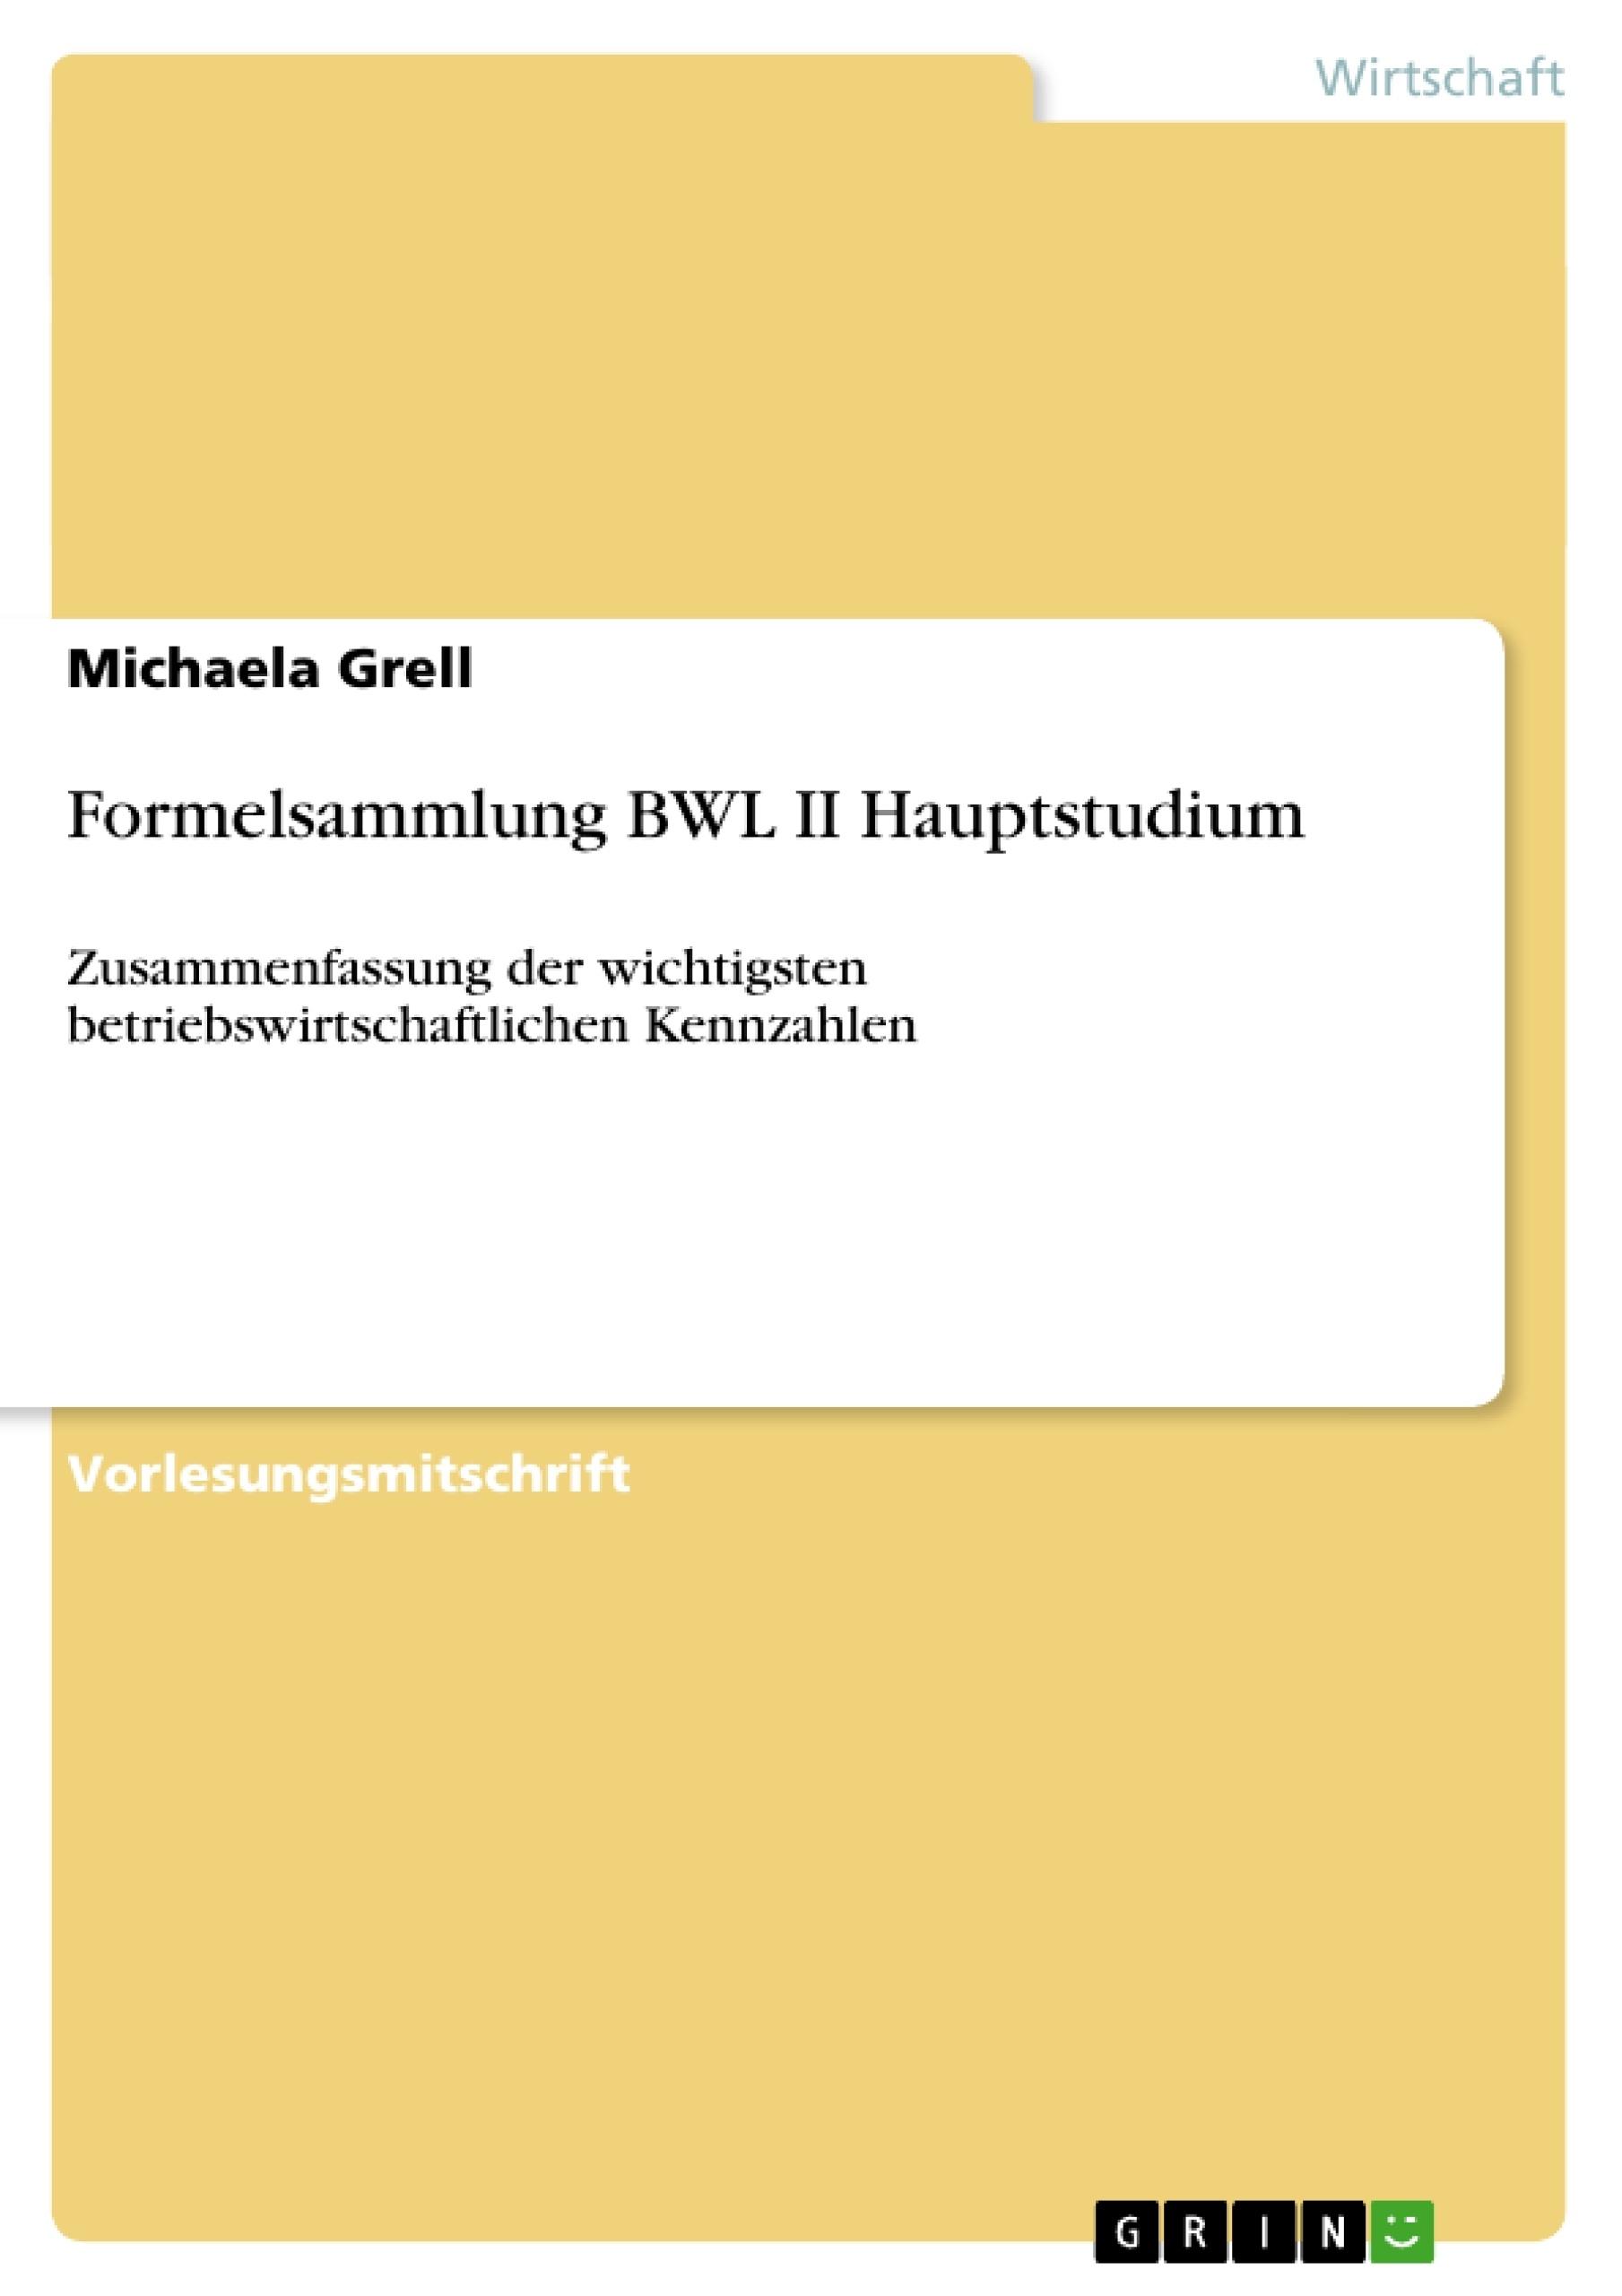 Titel: Formelsammlung BWL II Hauptstudium